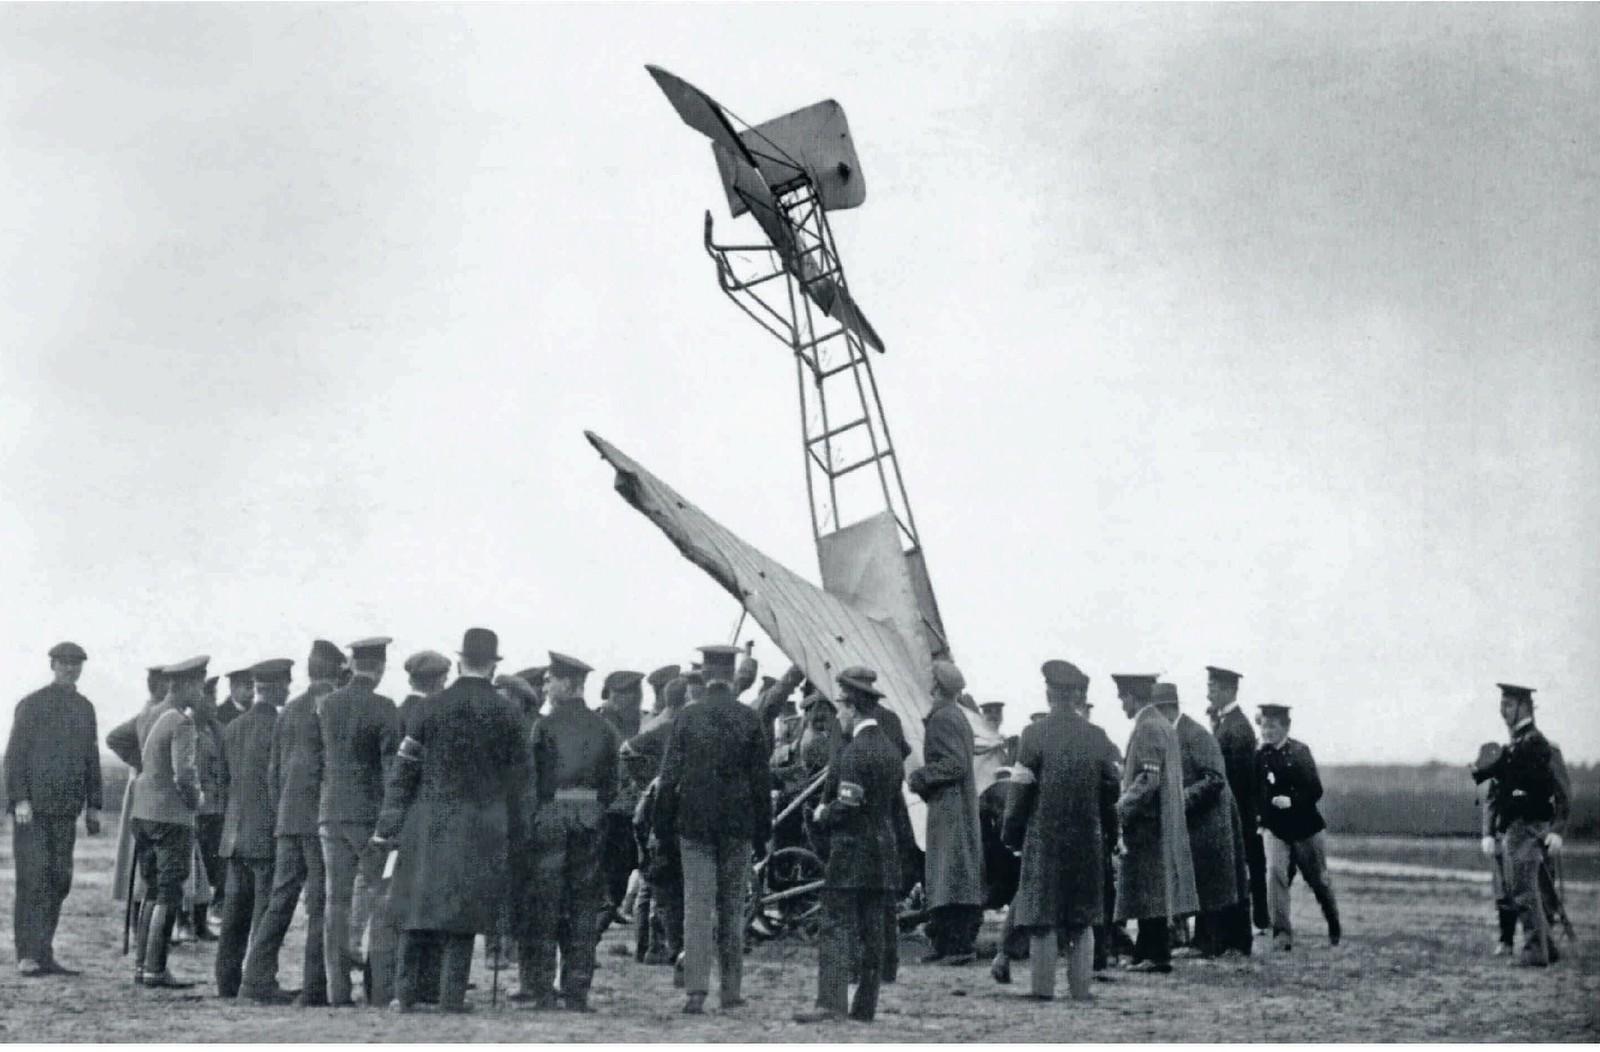 1910. Вид аэроплана Блерио, потерпевшего аварию во время второй аэронедели